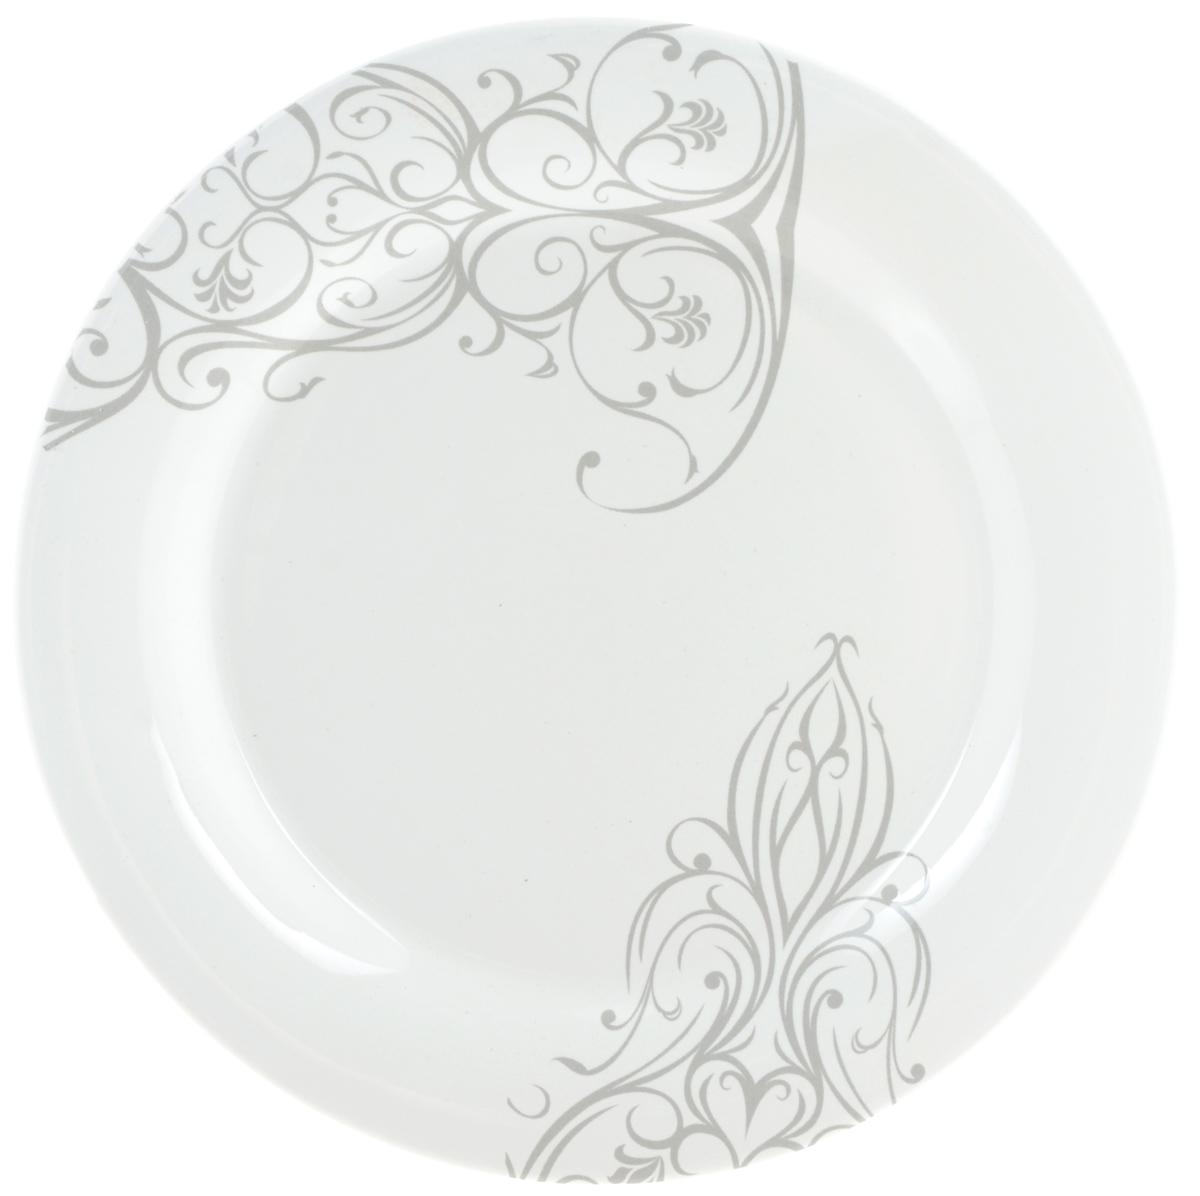 """Десертная тарелка Ceramiche Viva """"Черный ирис"""" изготовлена из высококачественной керамики, покрытой слоем сверкающей глазури. Изделие декорировано красивыми узорами. Такая тарелка отлично подойдет в качестве блюда для закусок и нарезок, а также для подачи различных десертов. Тарелка прекрасно дополнит сервировку стола и порадует вас оригинальным дизайном. Допускается мытье в посудомоечной машине, а также использование для разогрева блюд в СВЧ-печи. Диаметр тарелки: 20 см. Высота стенки: 2 см."""